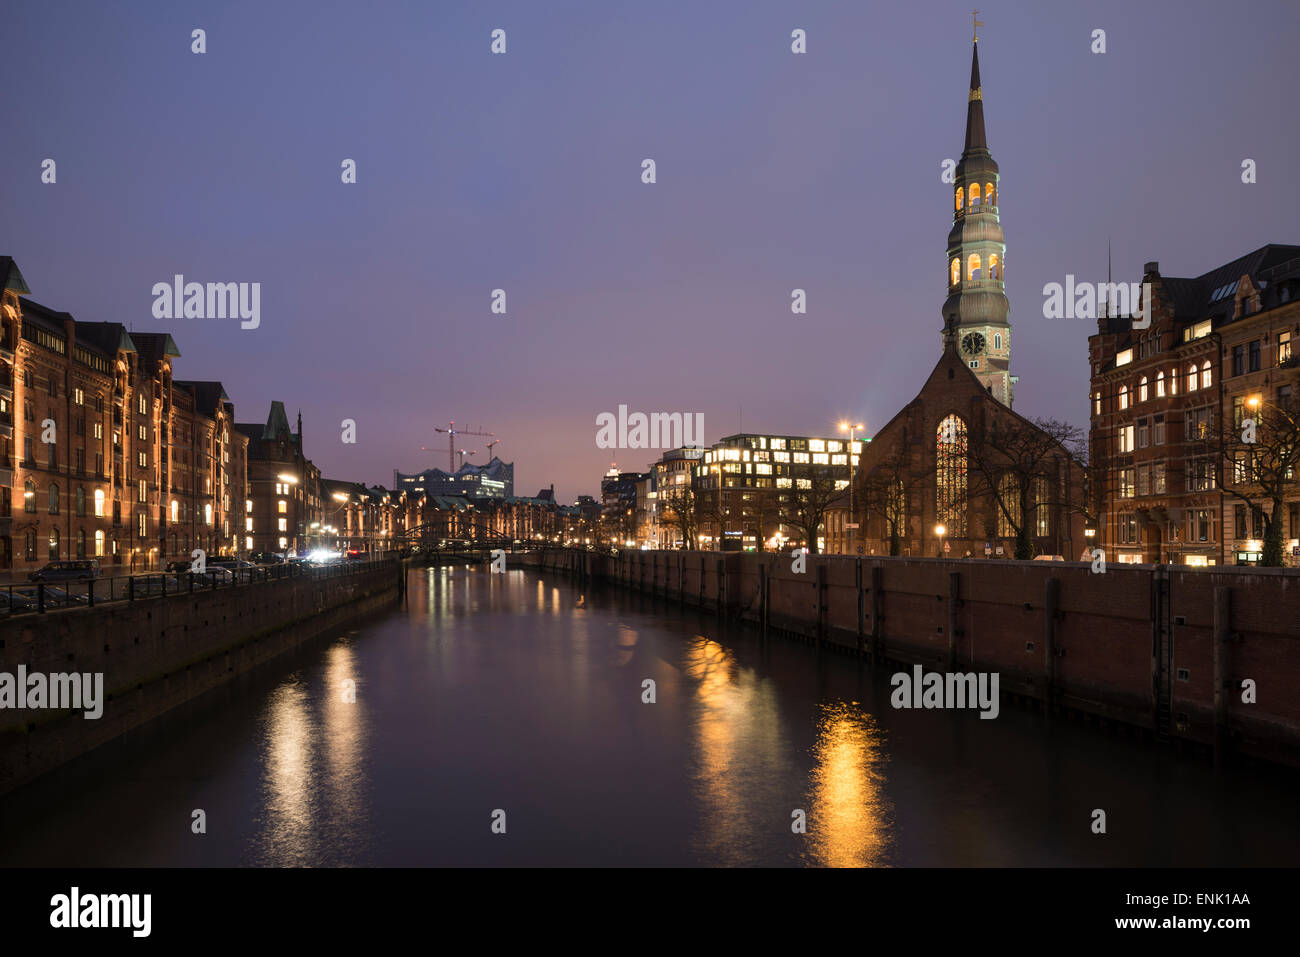 Hafencity, Hamburg, Germany, Europe - Stock Image